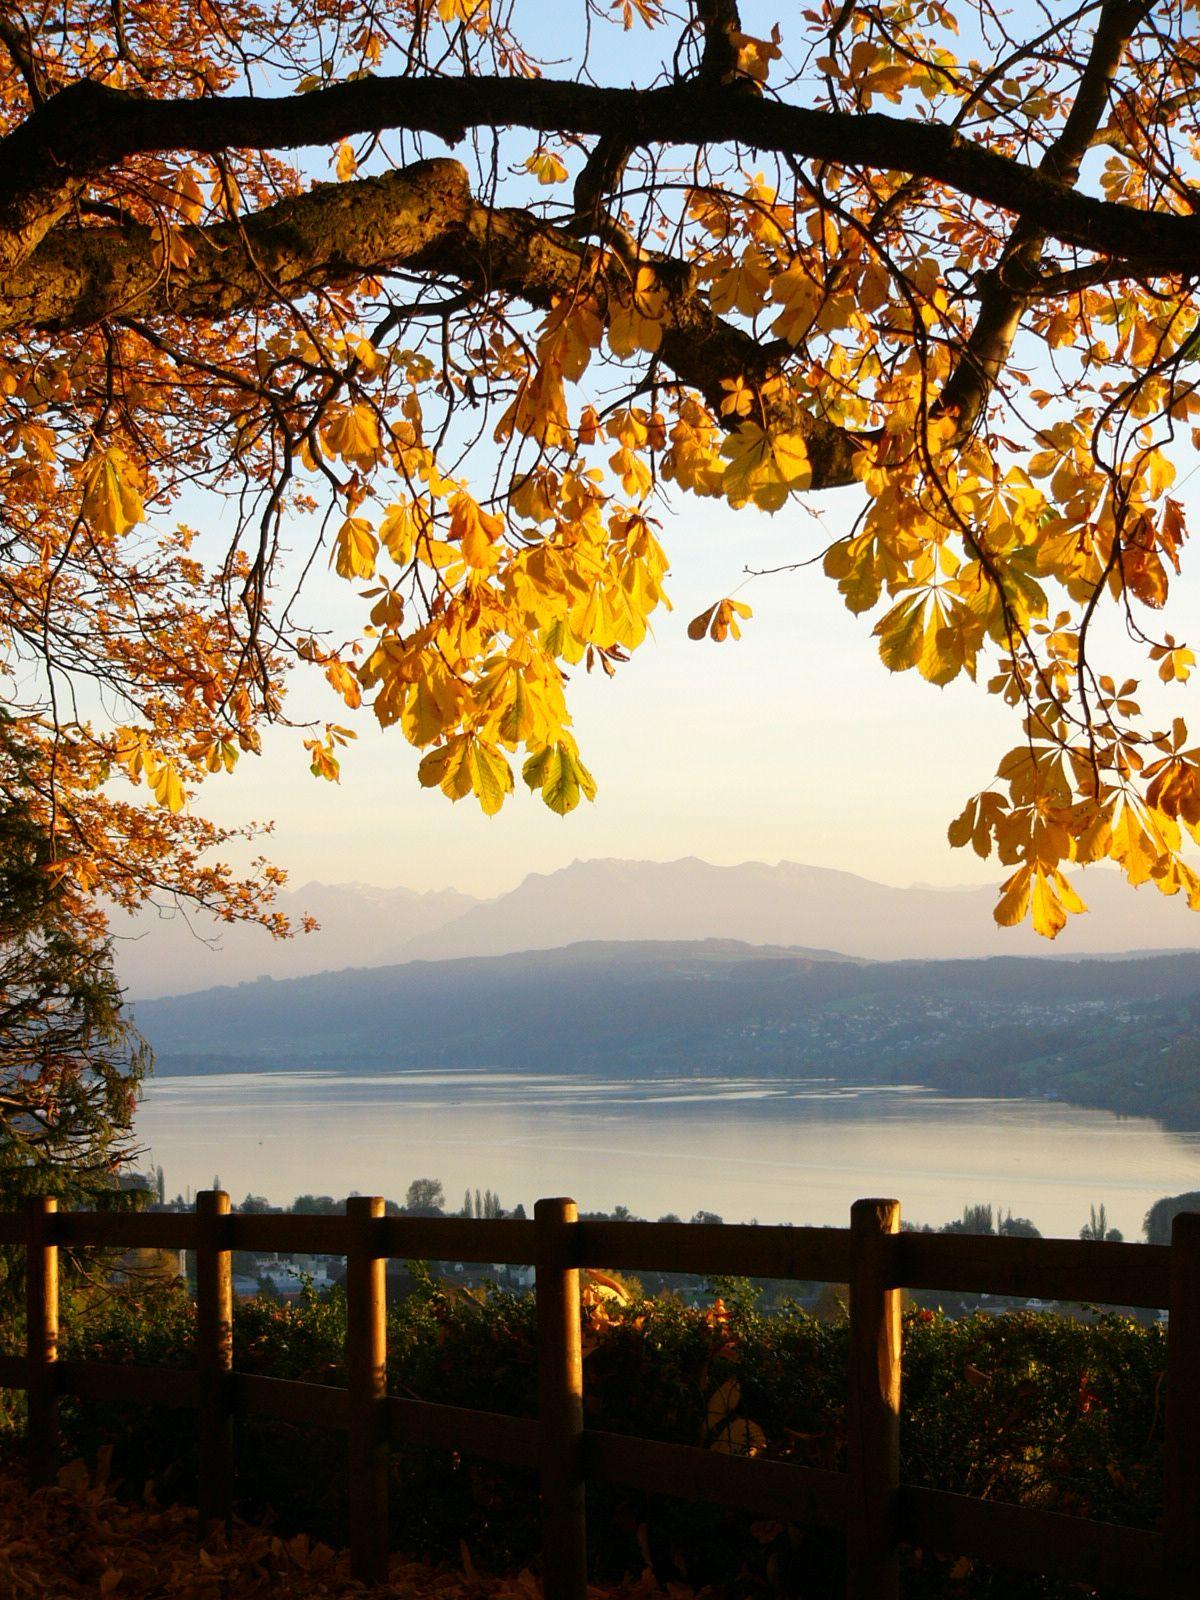 Hotel Restaurant Eichberg, Herbst 8, Seengen, Hallwilersee, Seetal, Aargau, Suisse, Schweiz, Switzerland. www.vch.ch/eichberg/